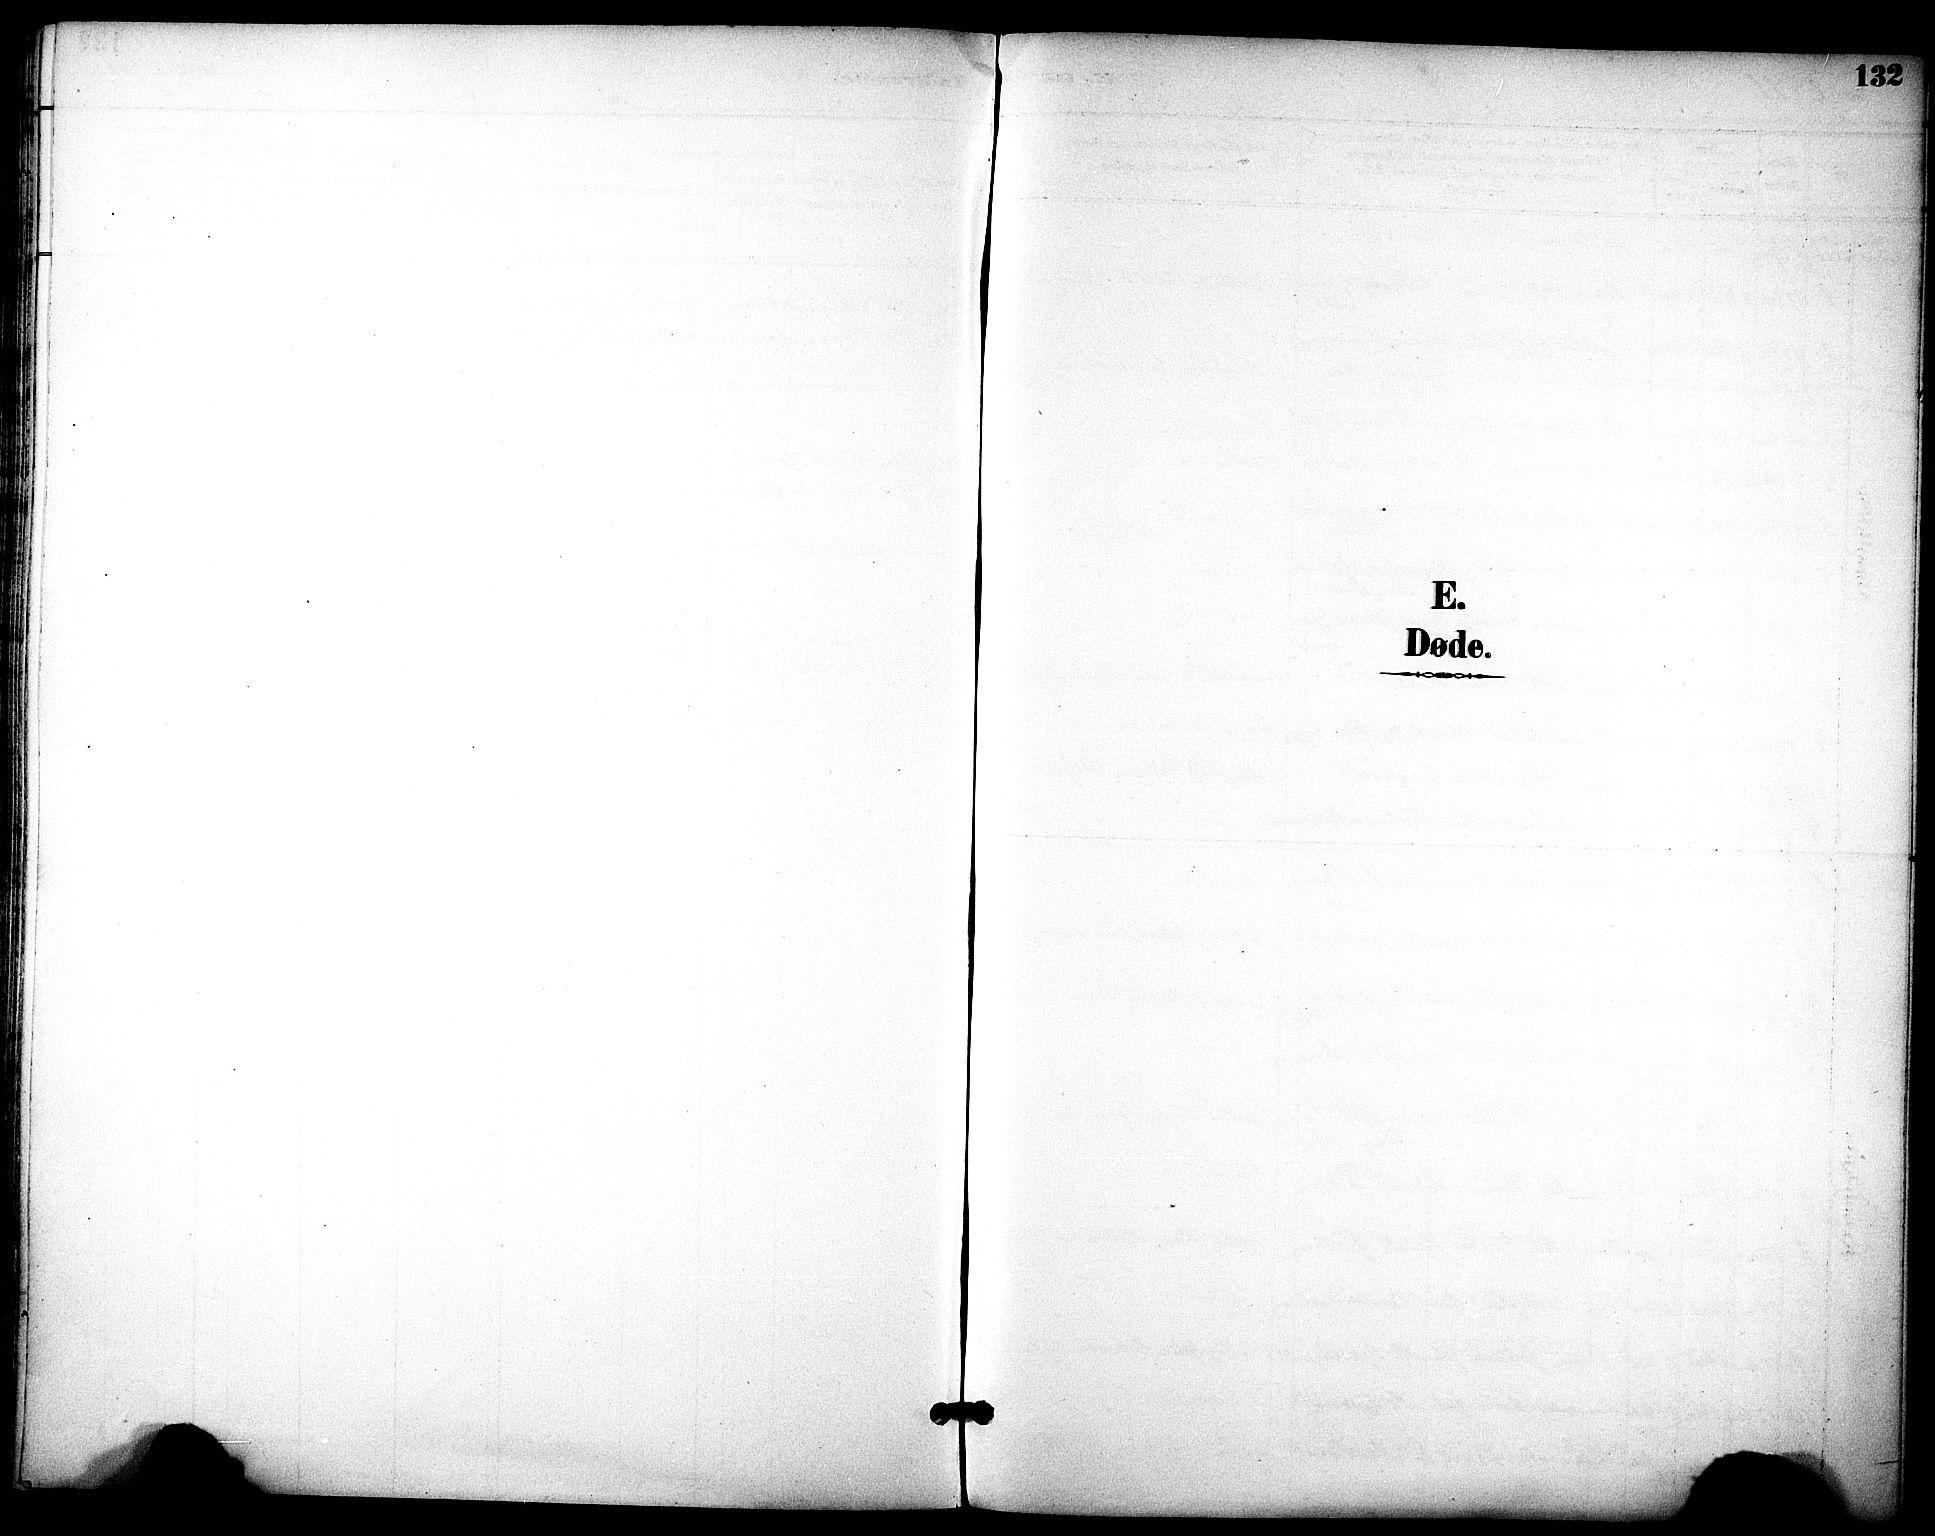 SAT, Ministerialprotokoller, klokkerbøker og fødselsregistre - Sør-Trøndelag, 686/L0984: Ministerialbok nr. 686A02, 1891-1906, s. 132